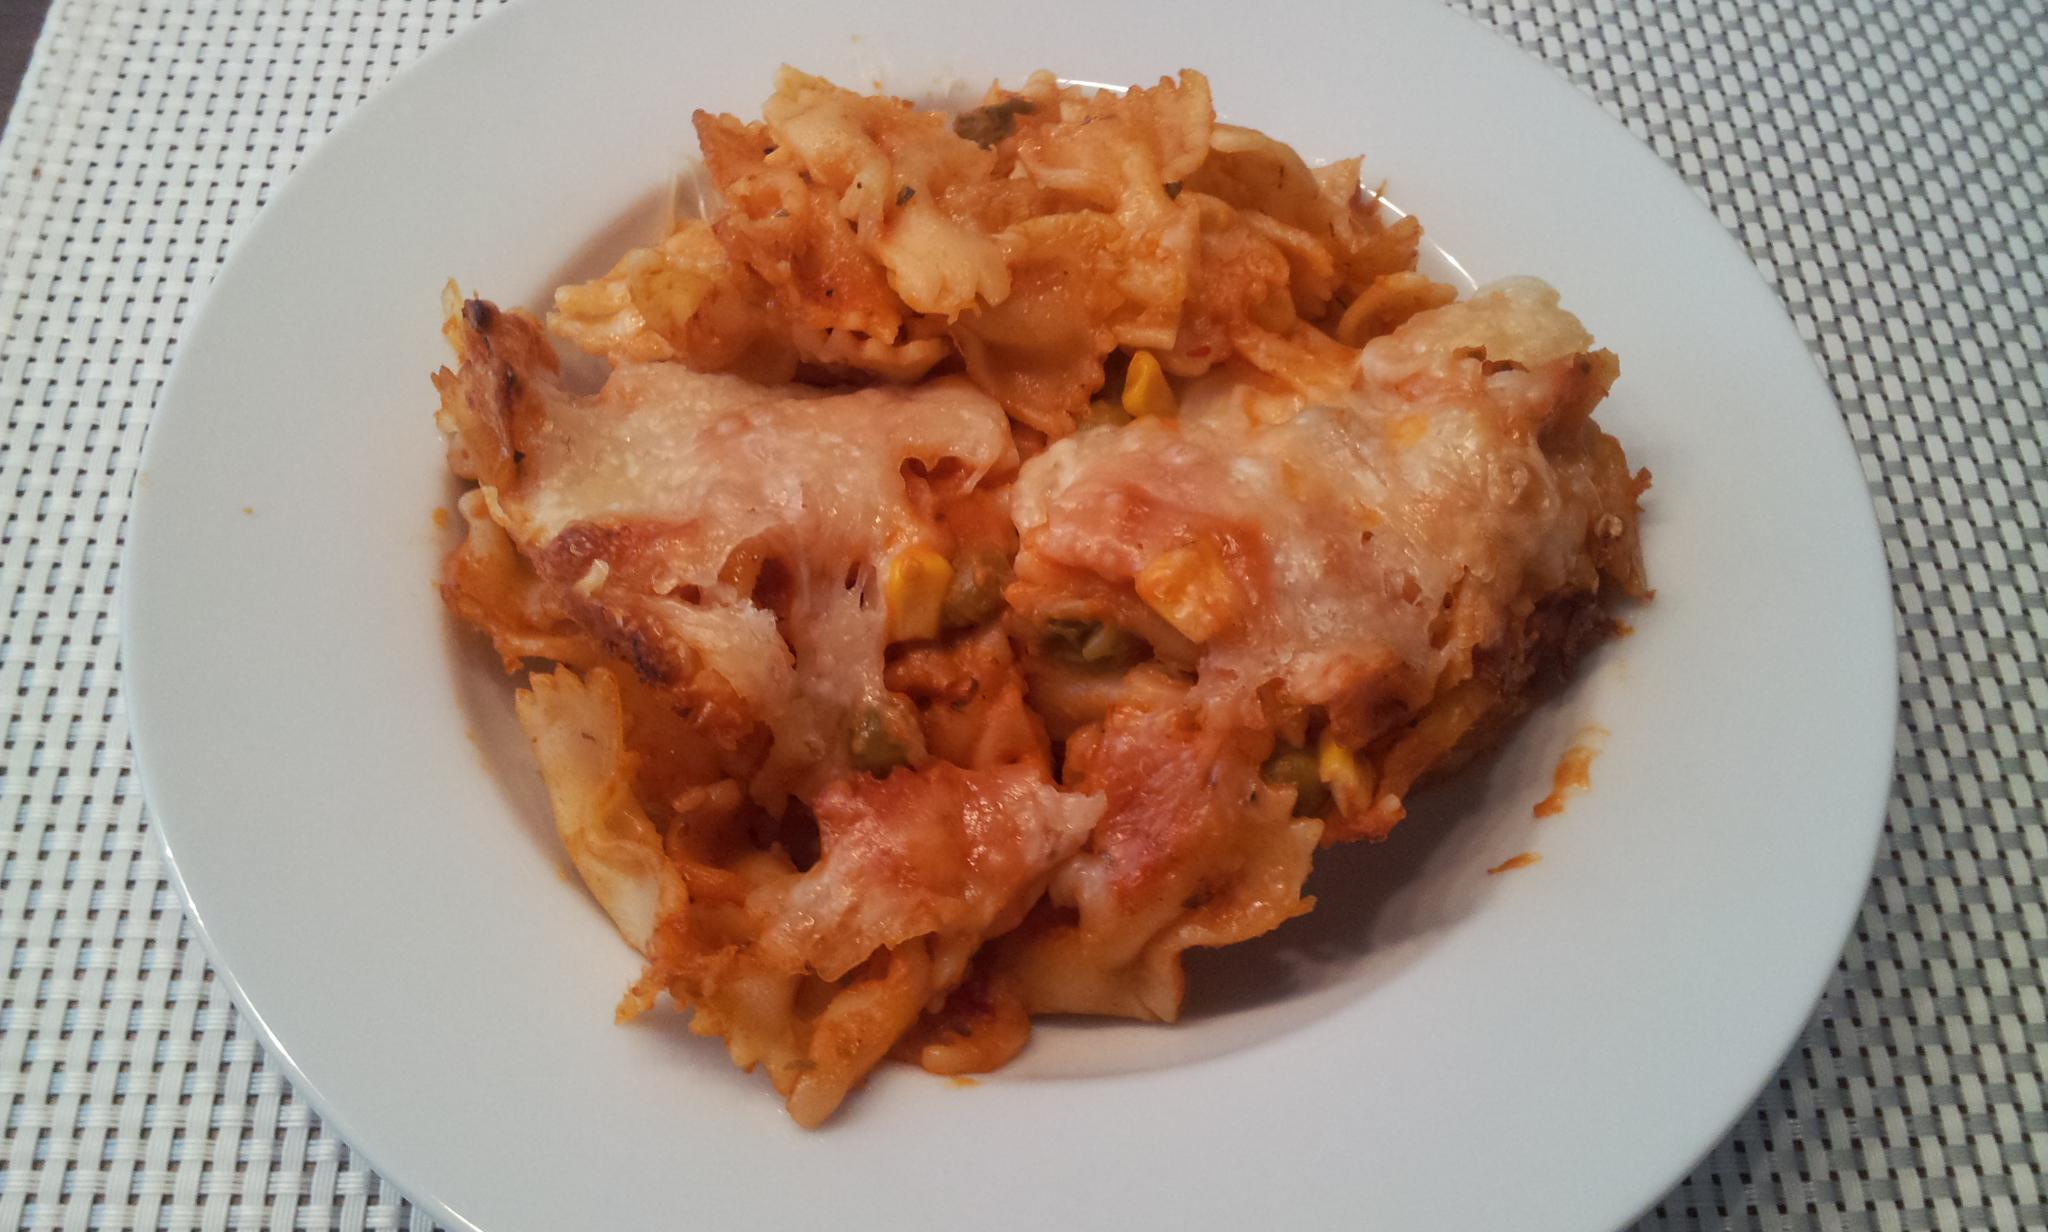 https://foodloader.net/Holz_2013-05-18_Nudelauflauf_2.jpg